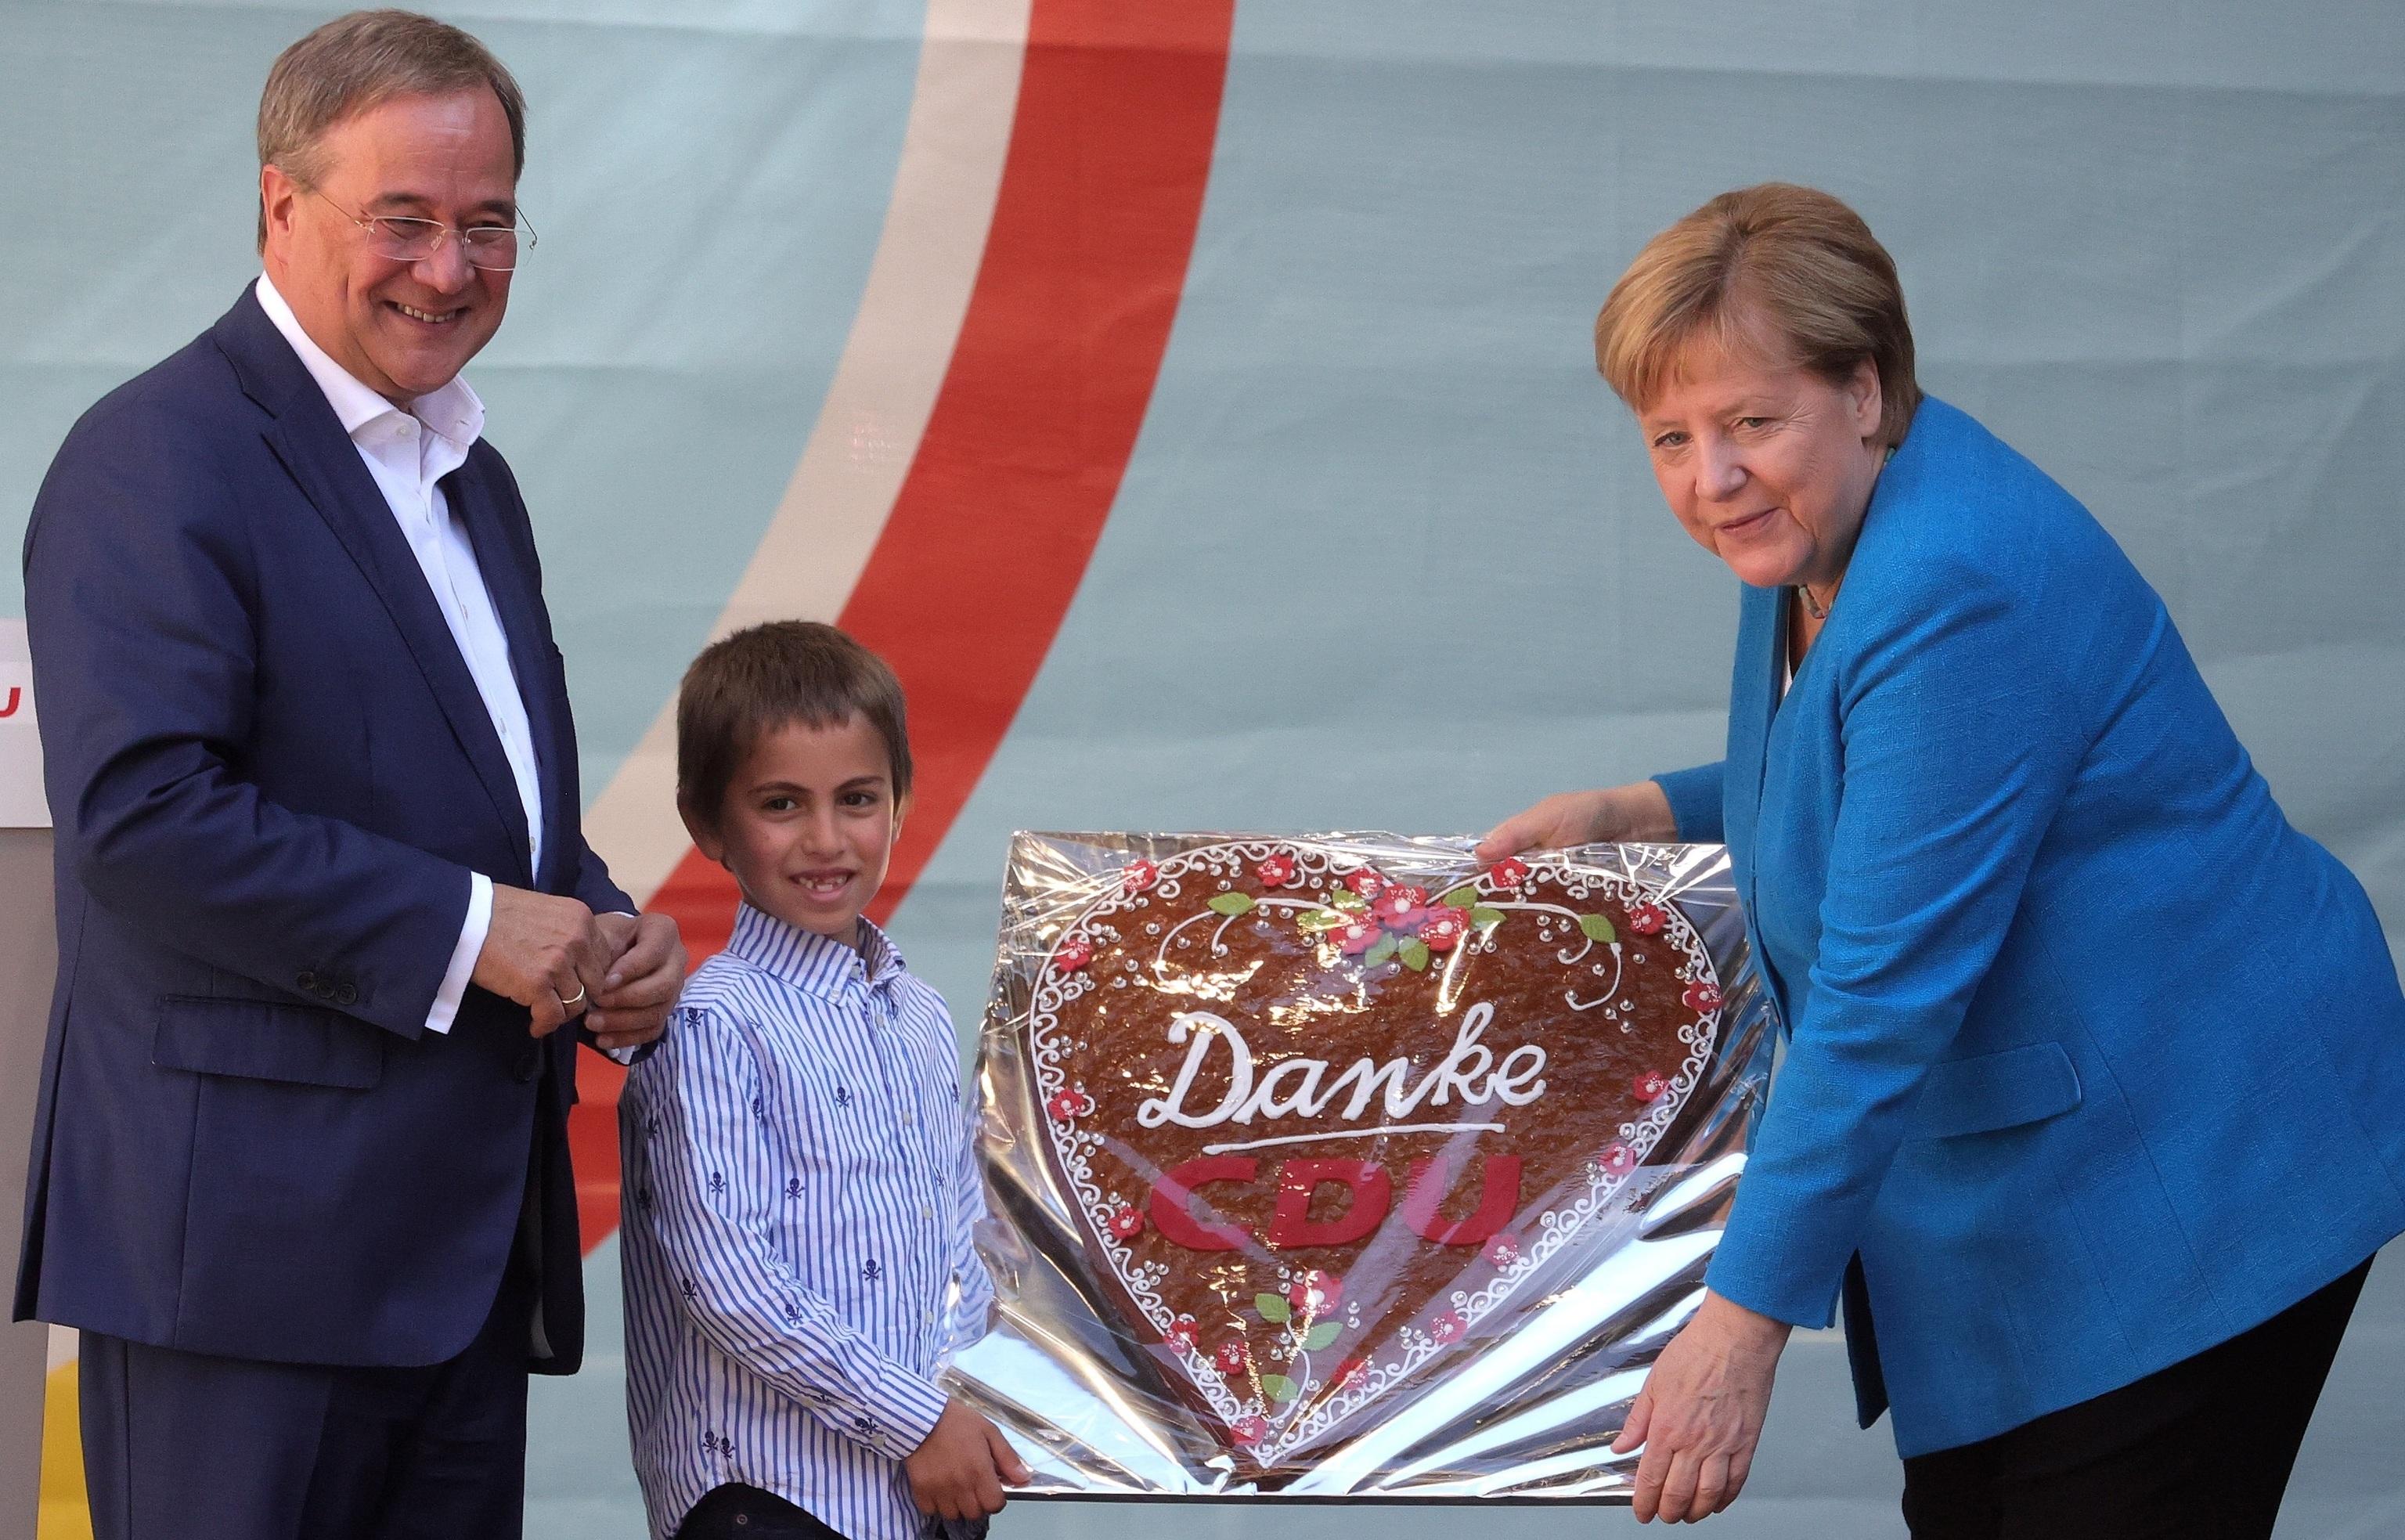 Angela Merkel con Armin Laschet durante la campaña.